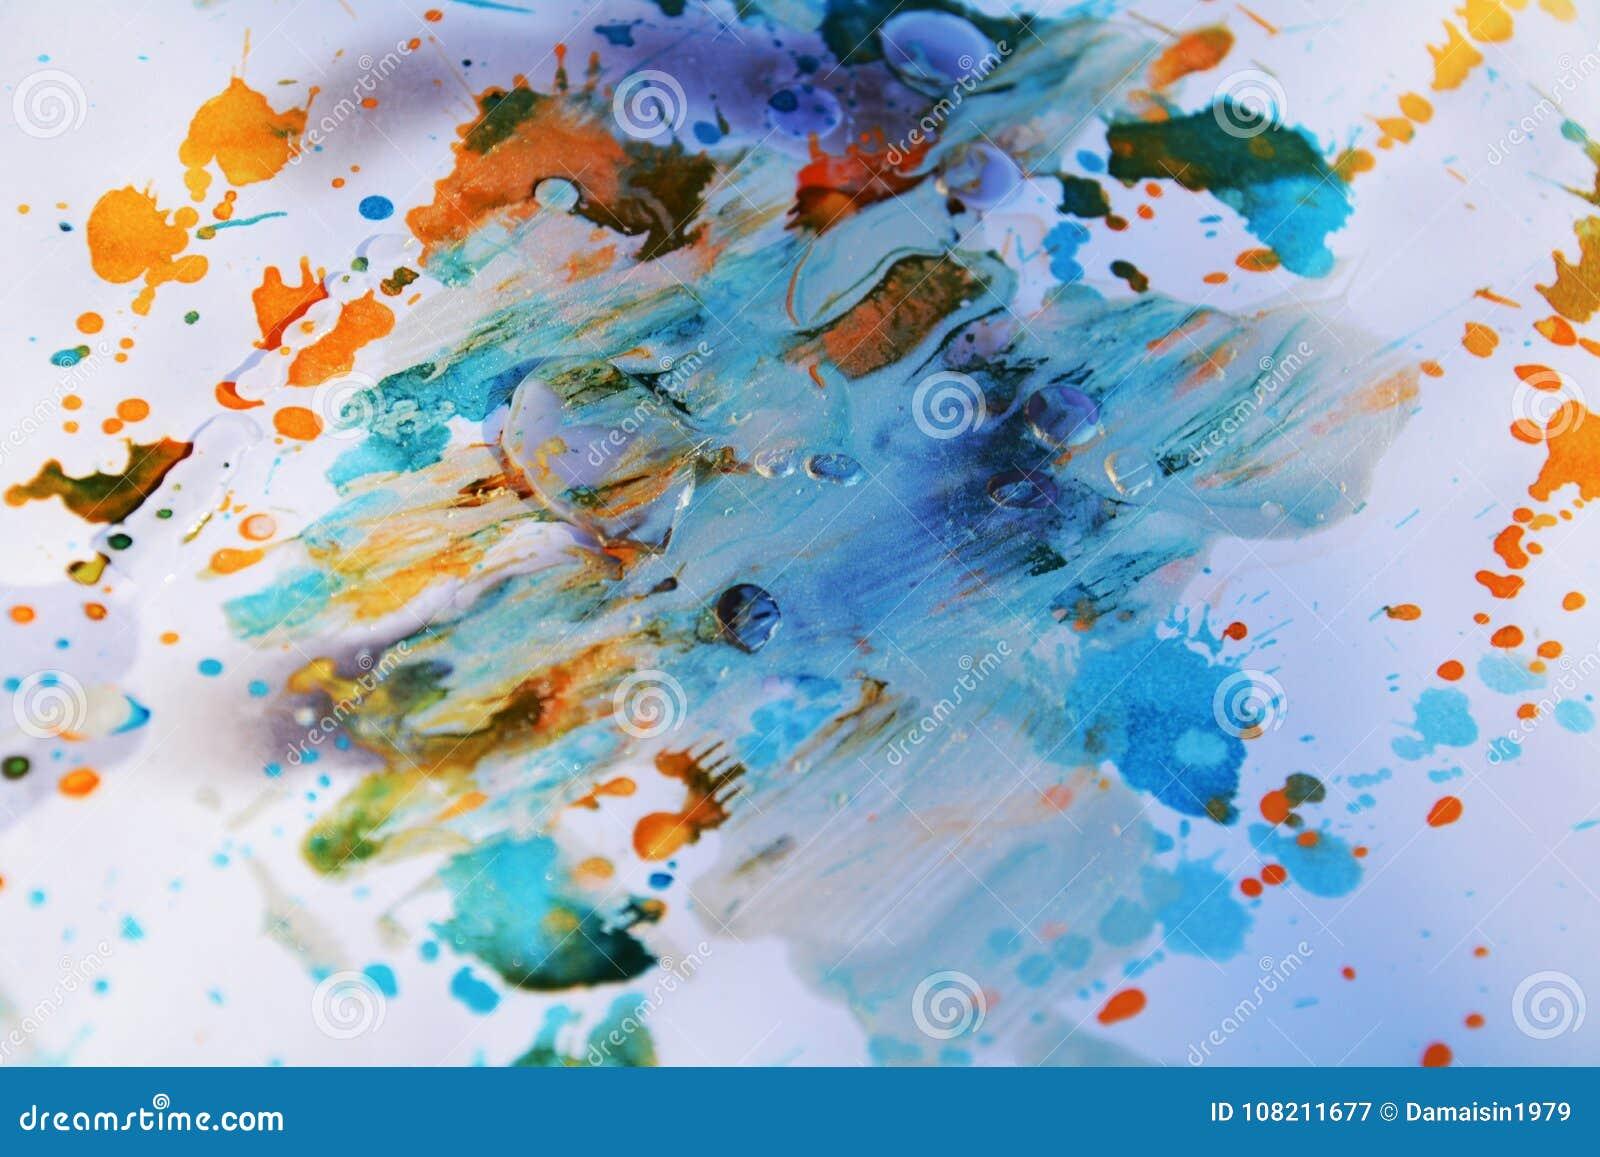 Blåa vaxartade bakgrunds- och borsteslaglängder för pastell, toner, fläckar